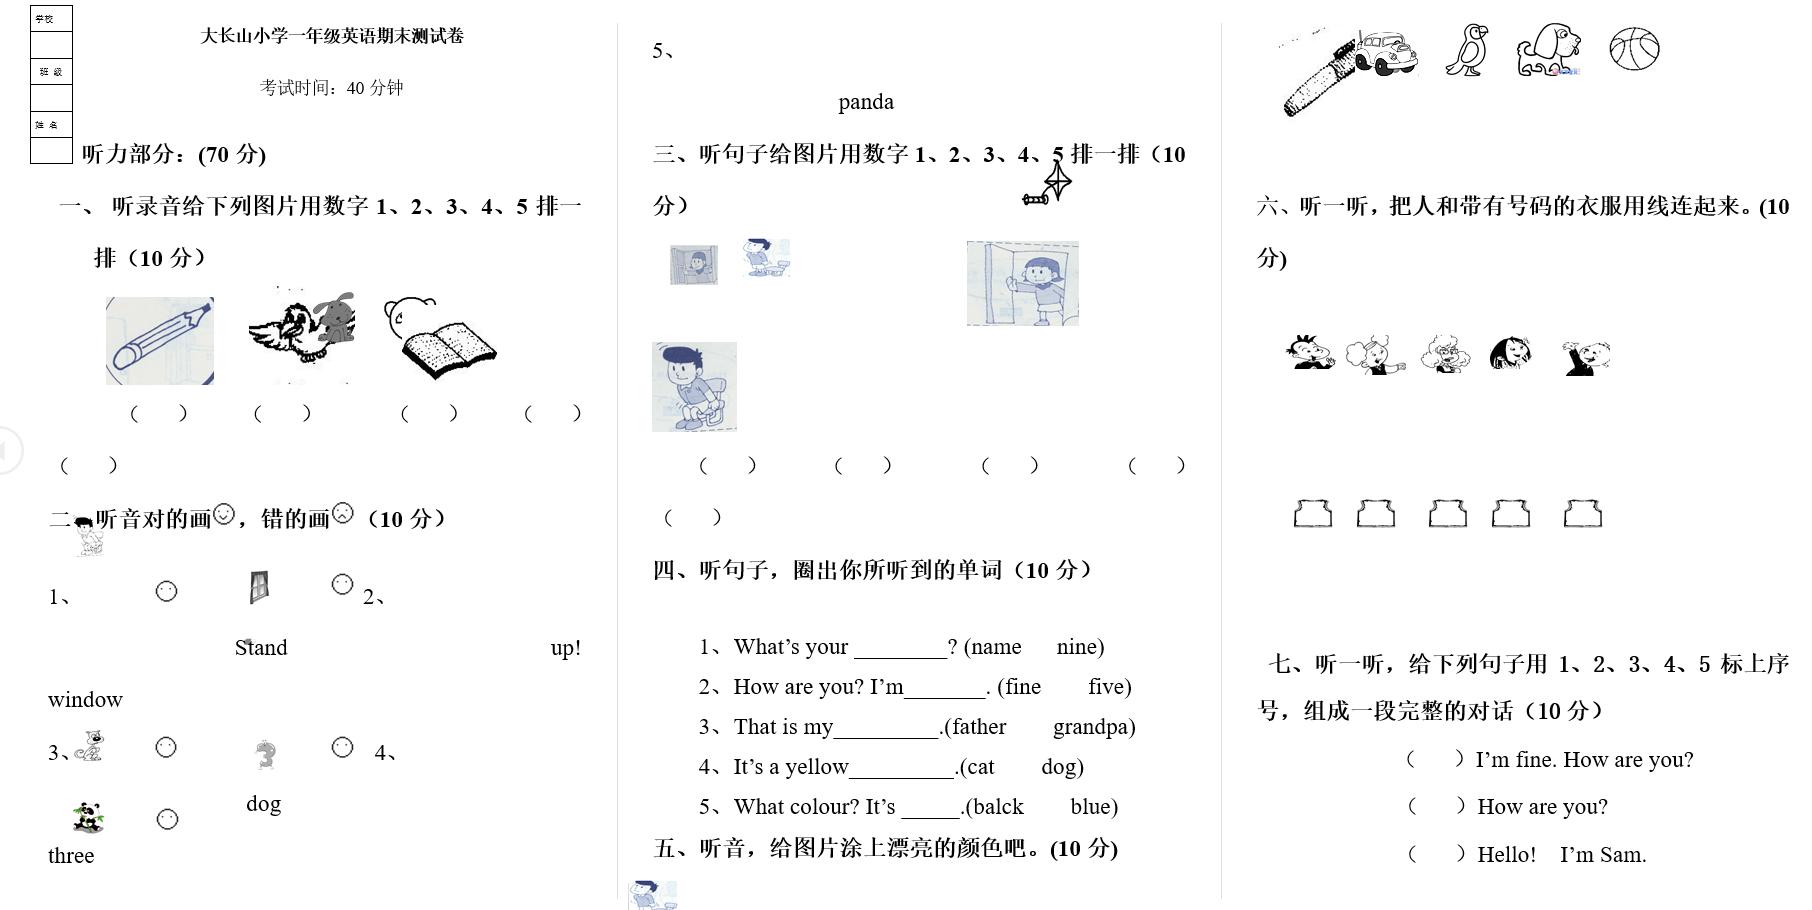 2018-2019年级一试卷小学英语期末测语文(四小学教科书年级香港图片